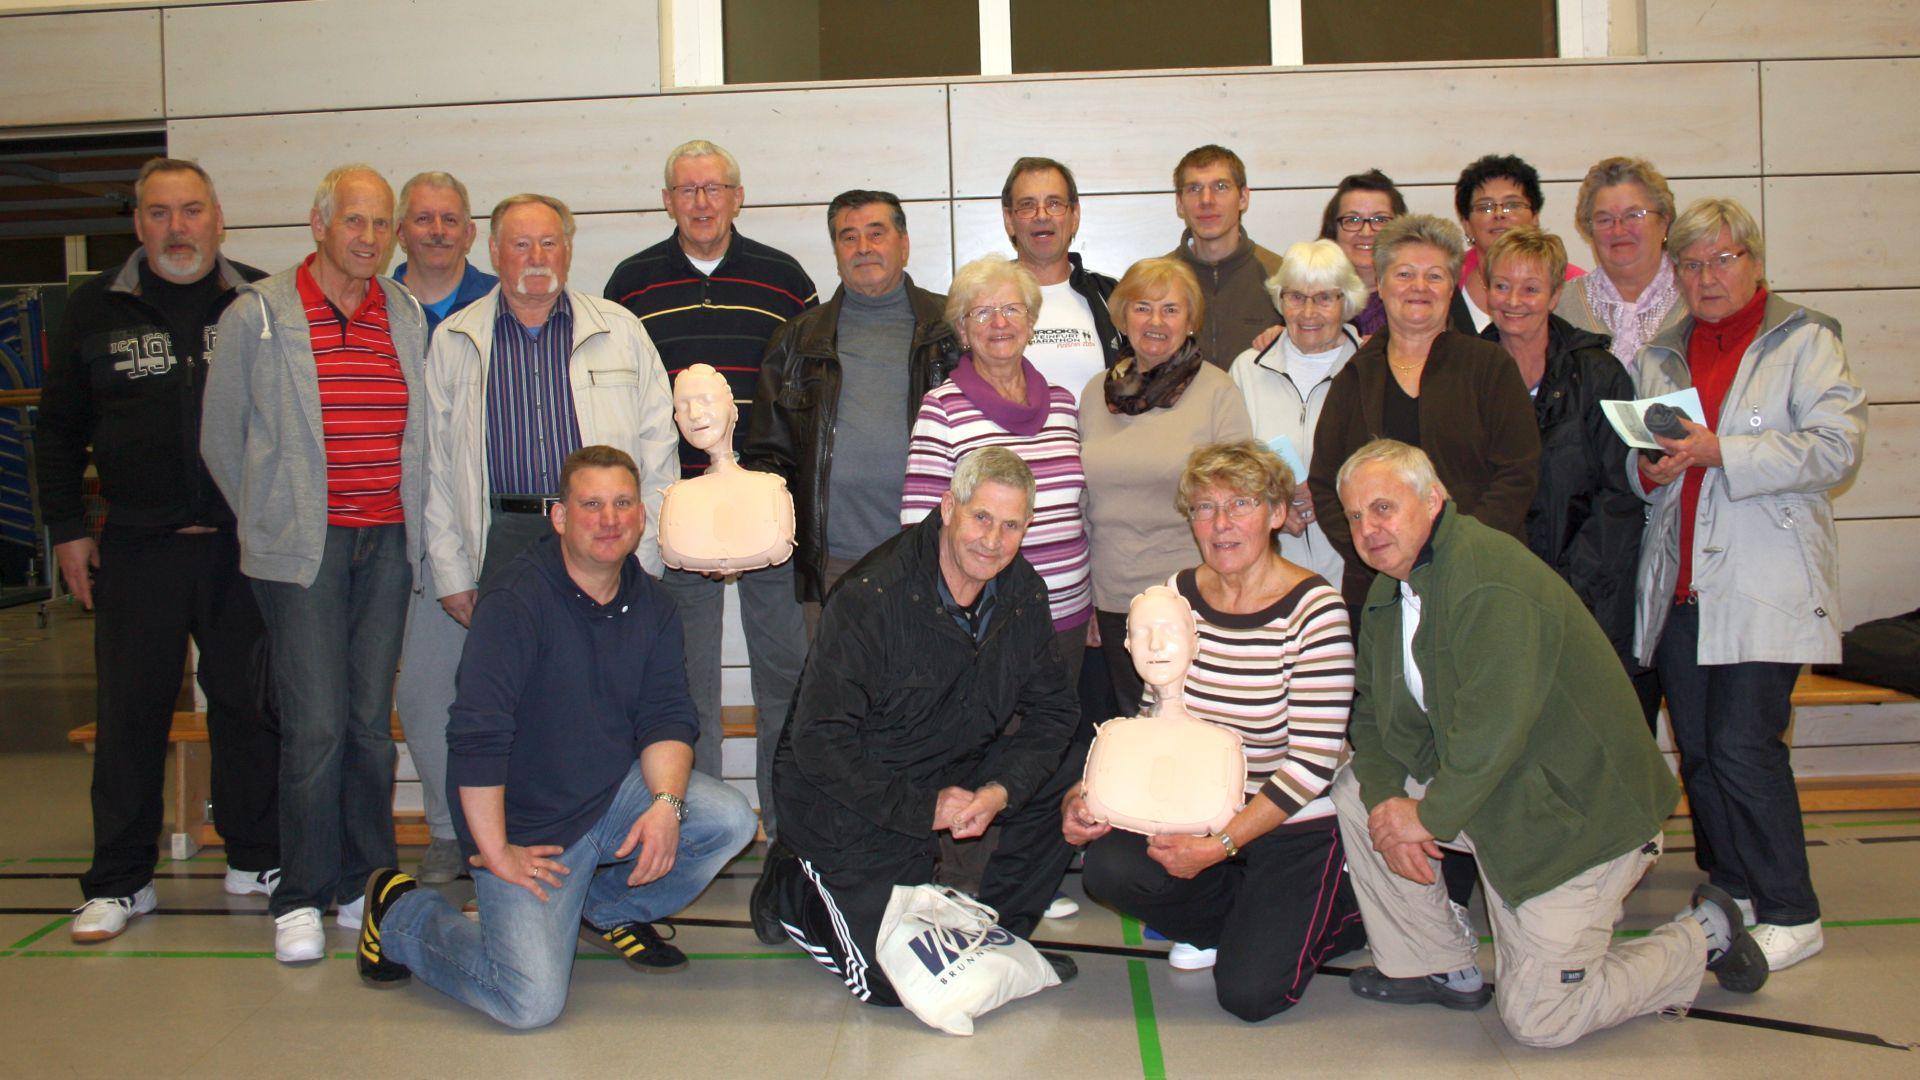 Jens Schilling (vorne links) zu Gast bei der DEK-Herzsportgruppe